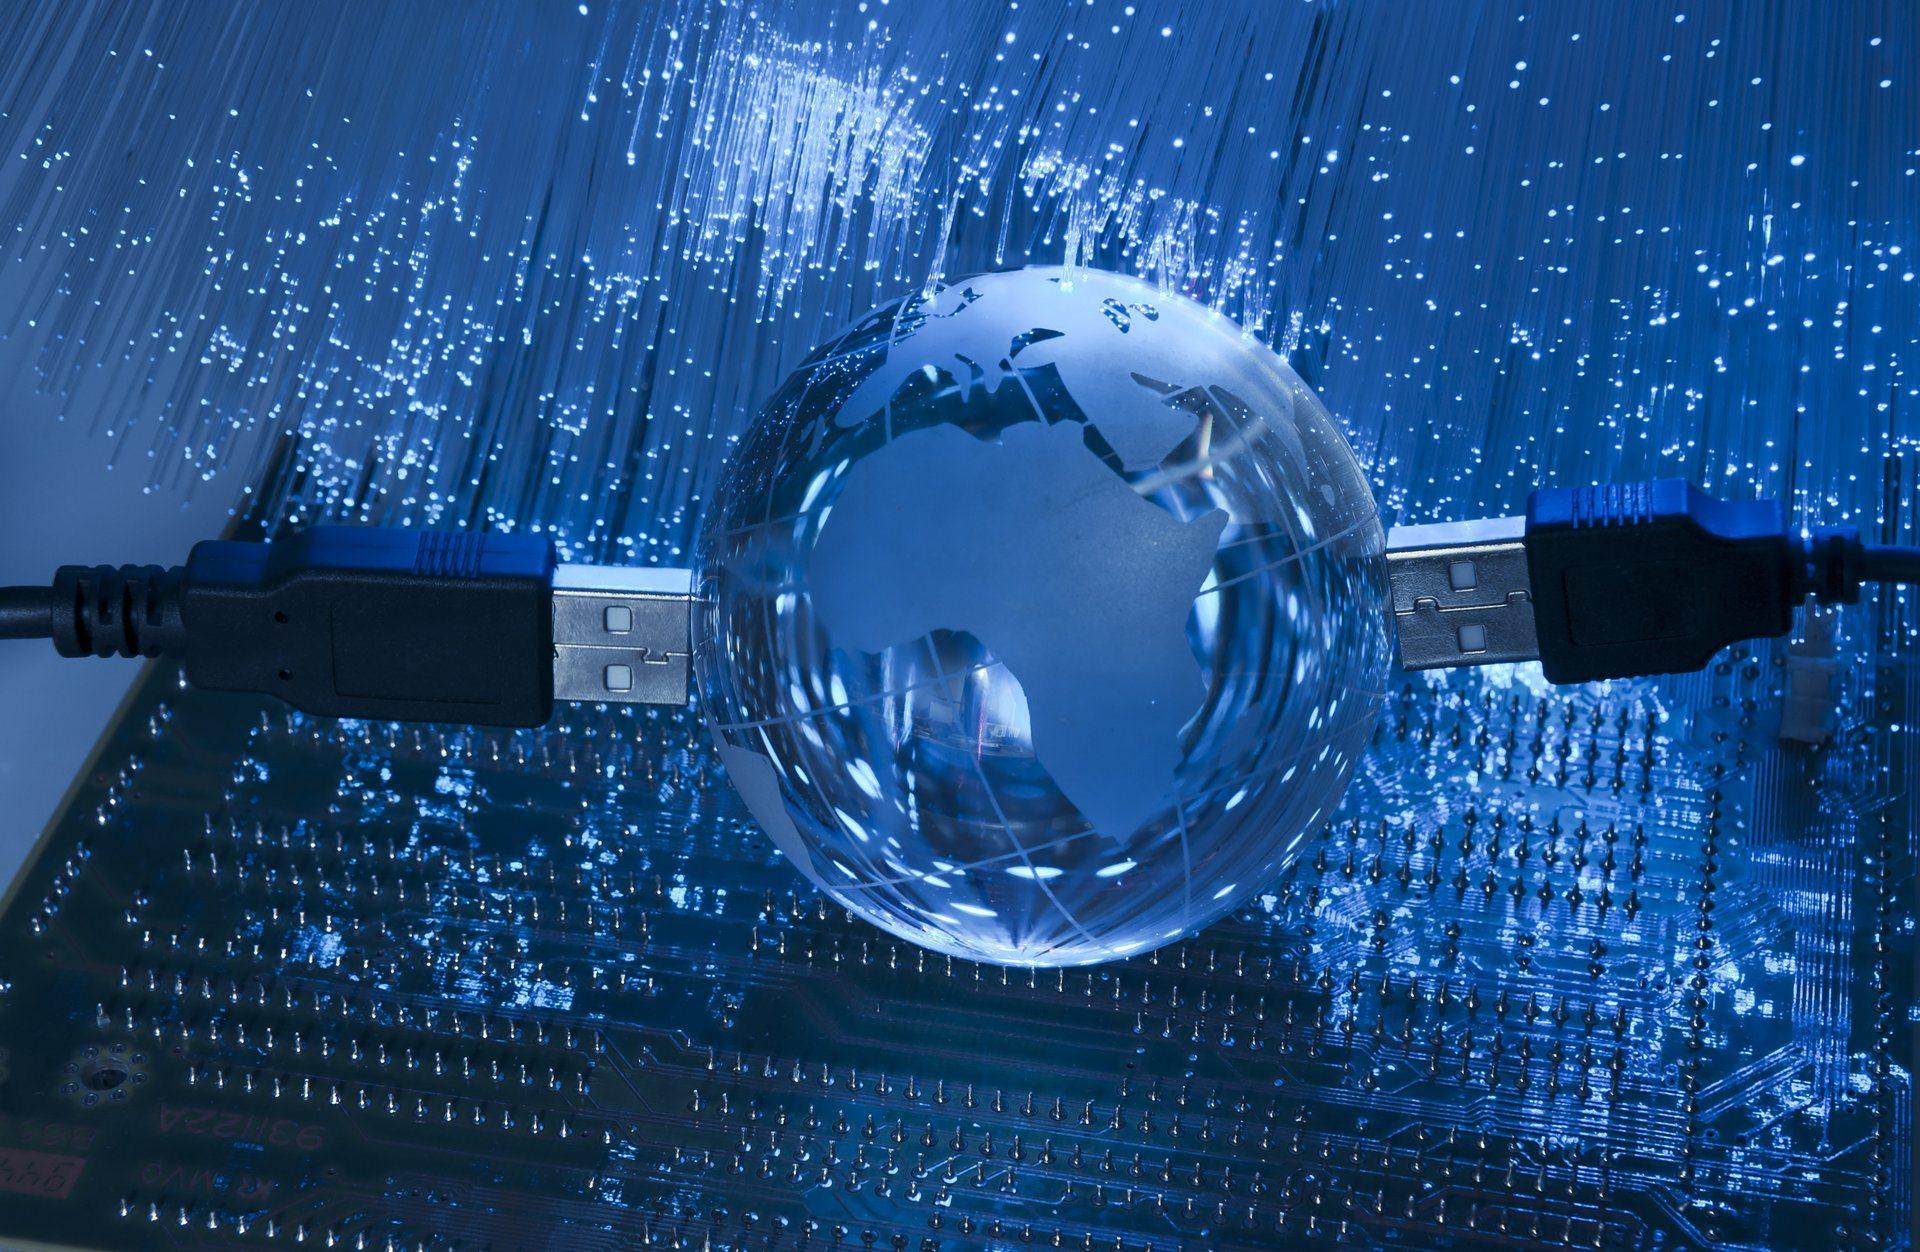 La fibra raggiunge una velocità di trasferimento dati pari a 57 Gbps: record mondiale